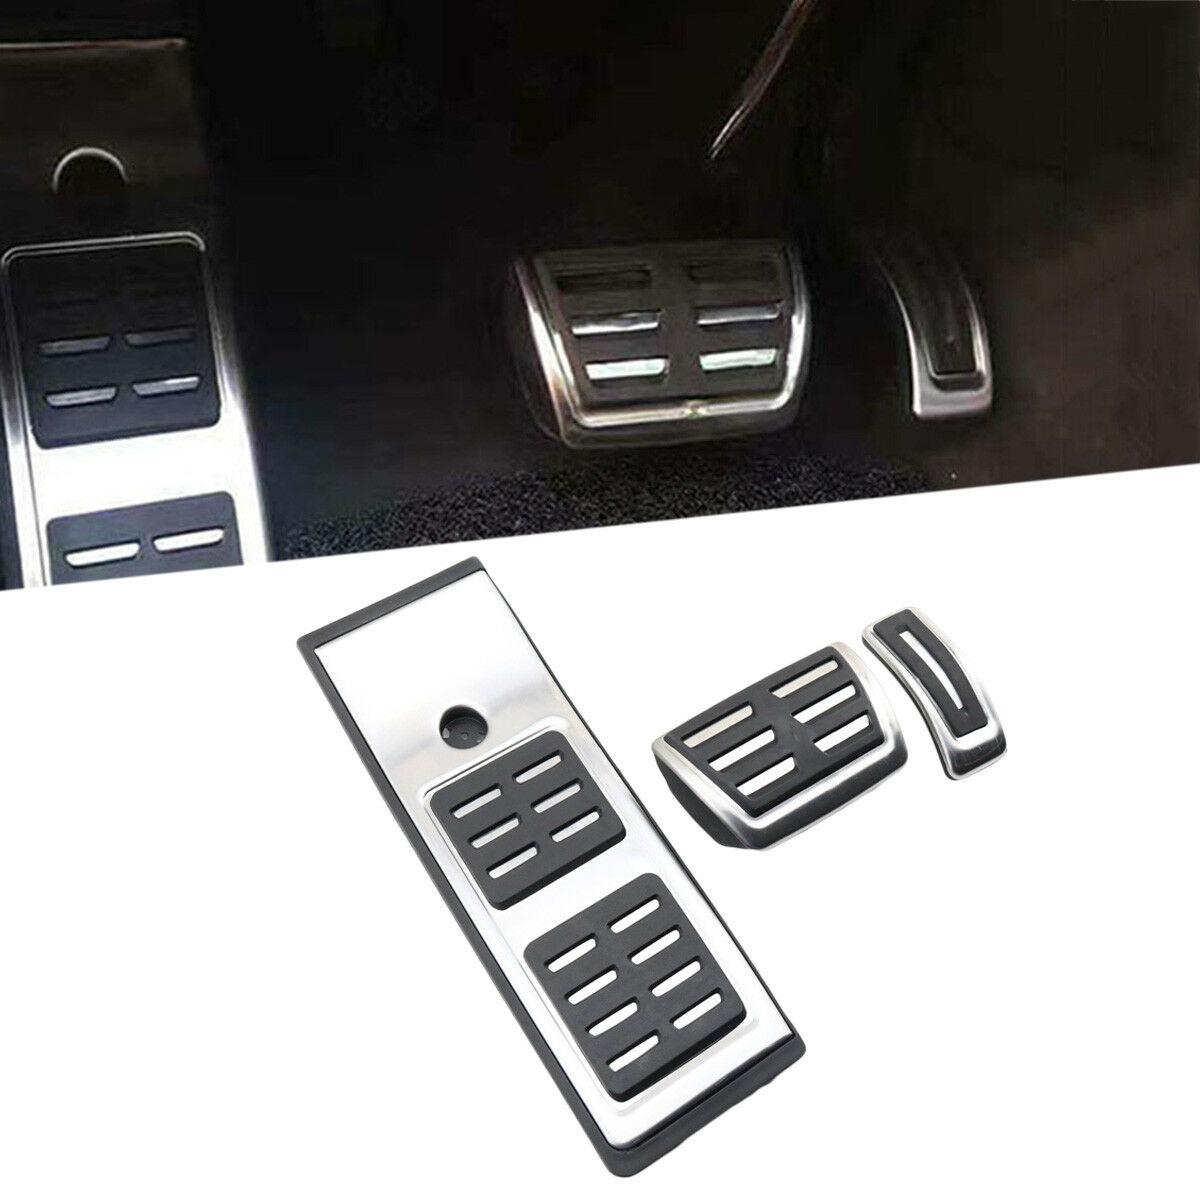 Keine Bohrer Kraftstoff Gas Accelerator Brems Fuß Rest Pedal Abdeckung Fit Für Audi Q5 SQ5 Zubehör ZU Pad 2017 2018 2019 modell-in Pedale aus Kraftfahrzeuge und Motorräder bei MYMOCCY Store